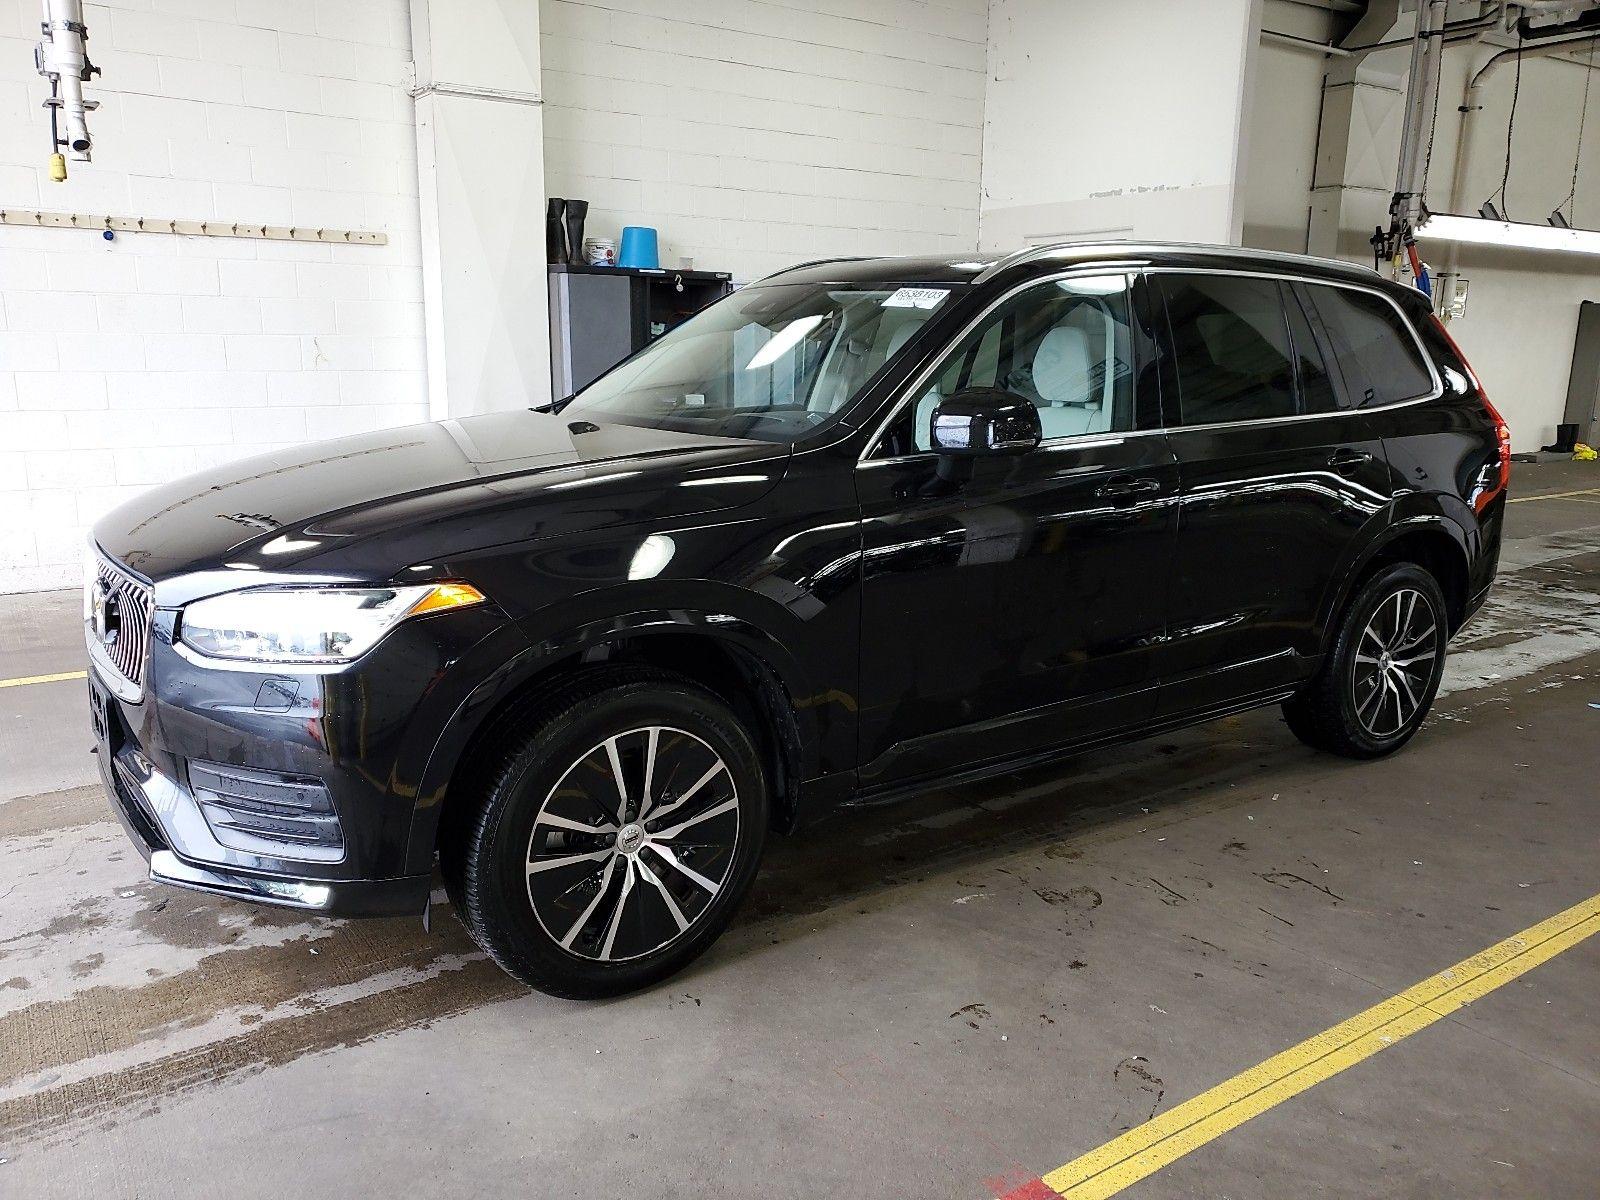 2020 Volvo Xc90 2.0. Lot 99921154405 Vin YV4A22PK8L1546655